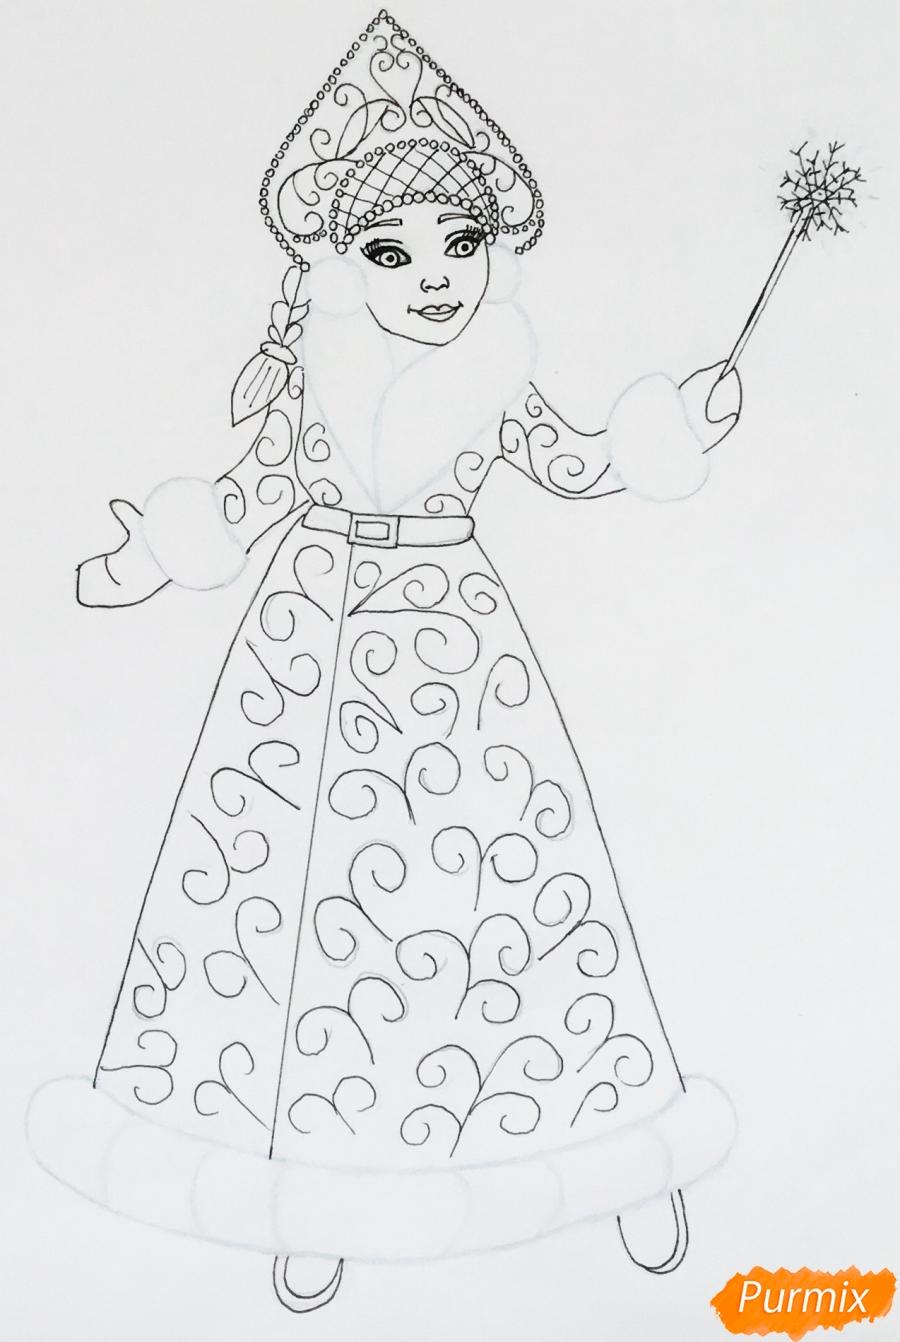 Рисуем снегурочку с волшебной палочкой в руке карандашами - фото 8